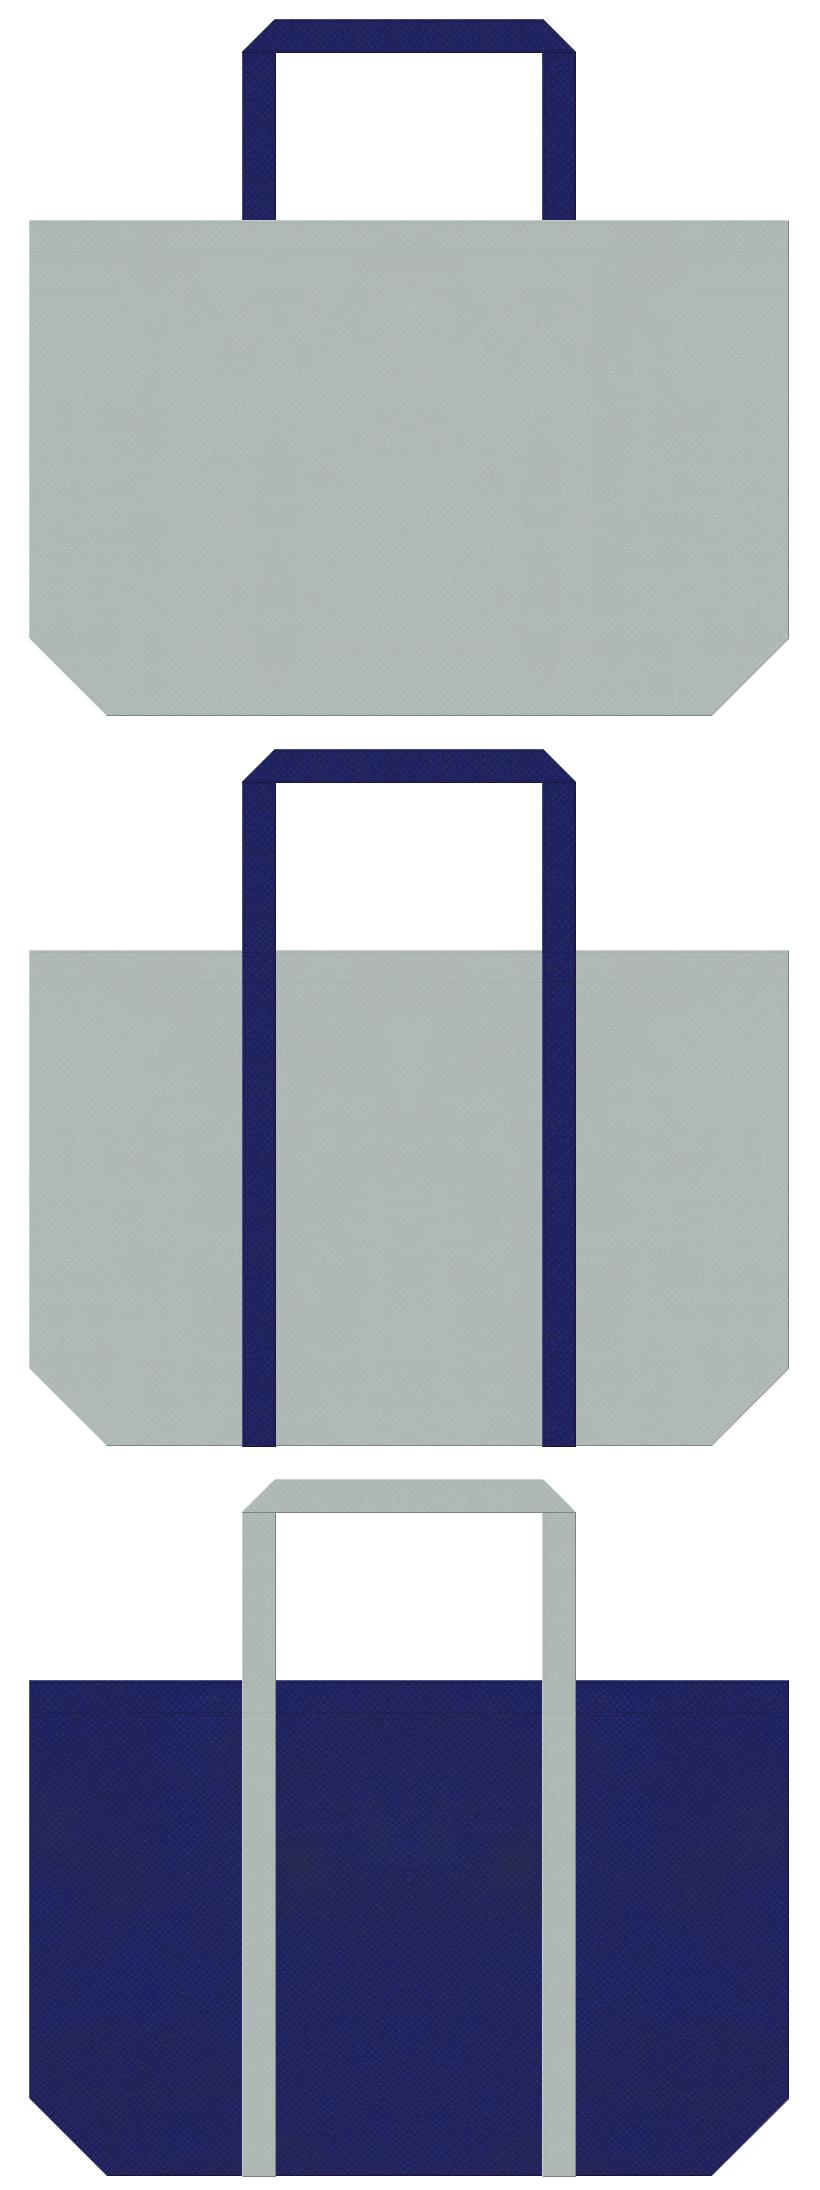 グレー色と明るい紺色の不織布エコバッグのデザイン。ランドリーバッグにお奨めの配色です。